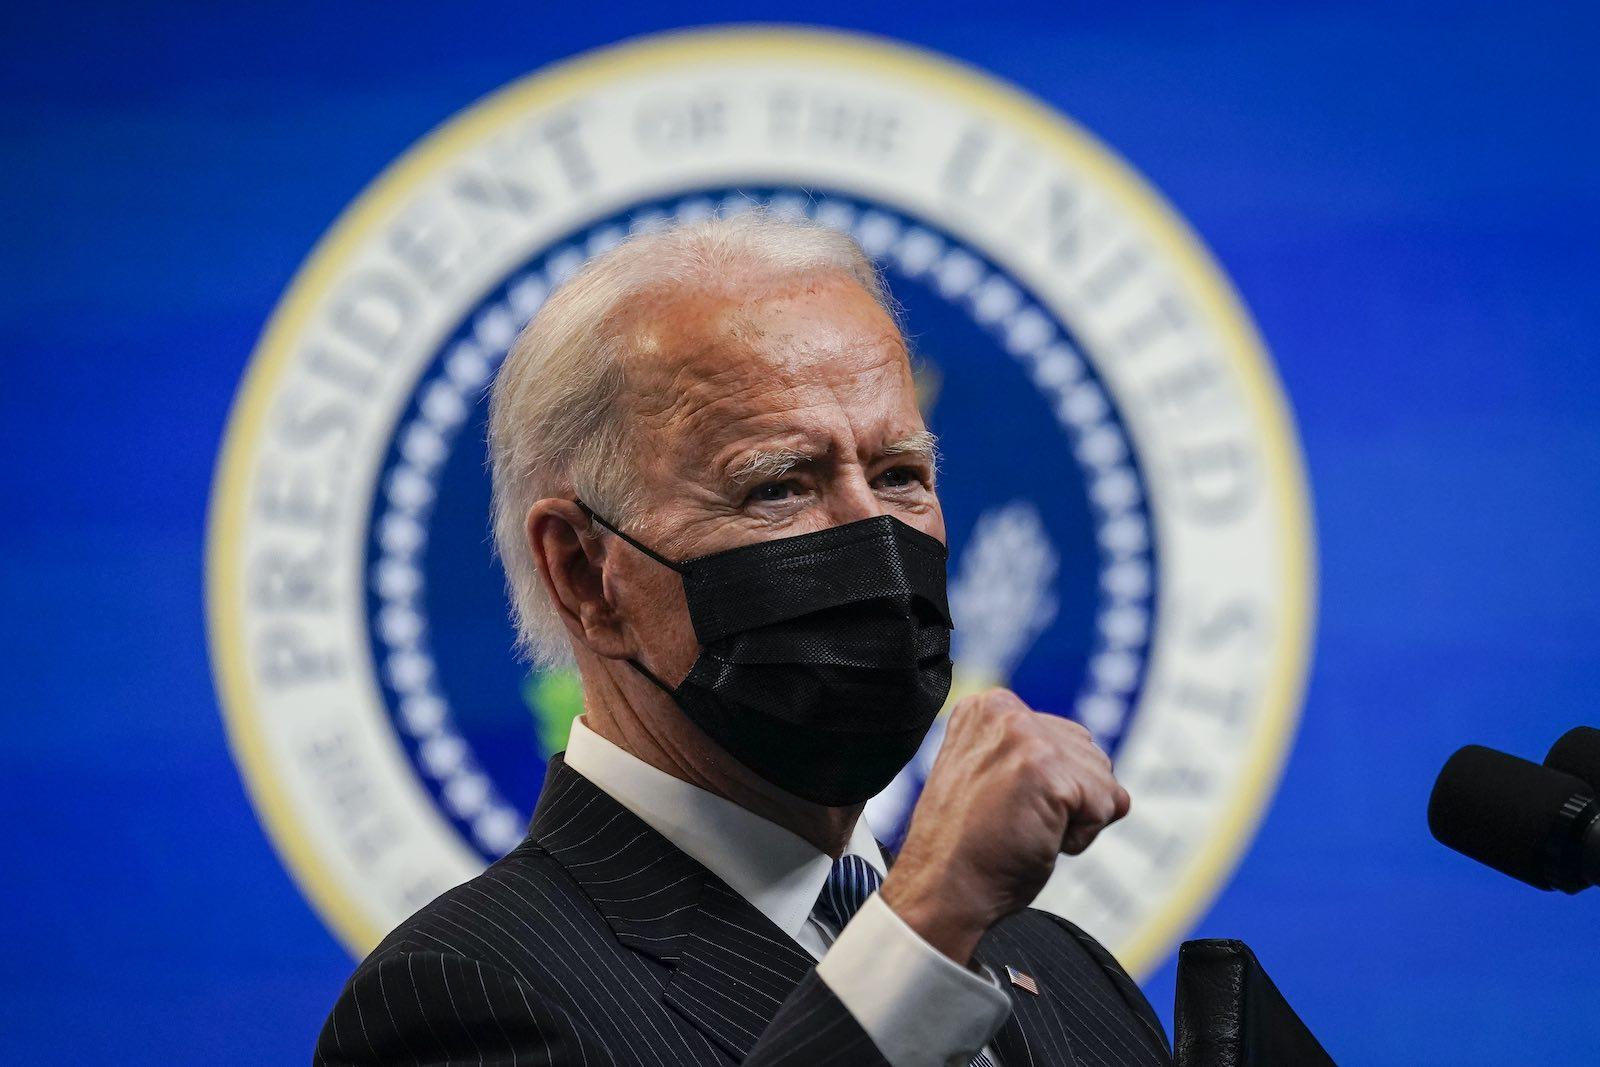 US President Joe Biden speaking at the White House on 25 January (Drew Angerer/Getty Images)